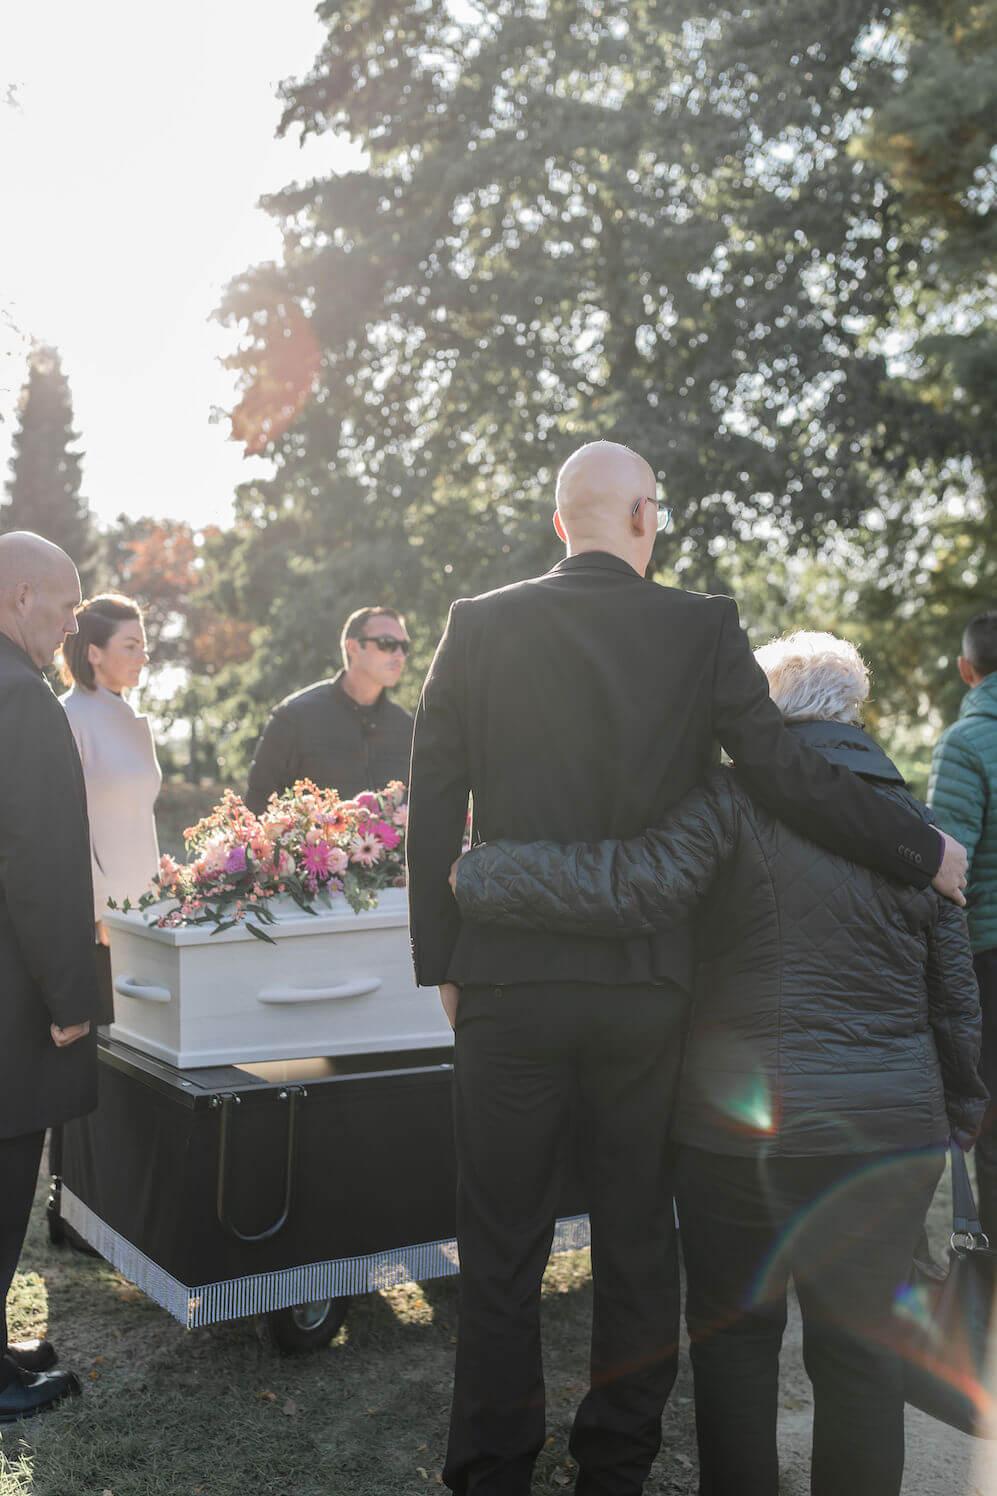 uitvaart afscheid begrafenis weesp nabestaanden bij kist met bloemen